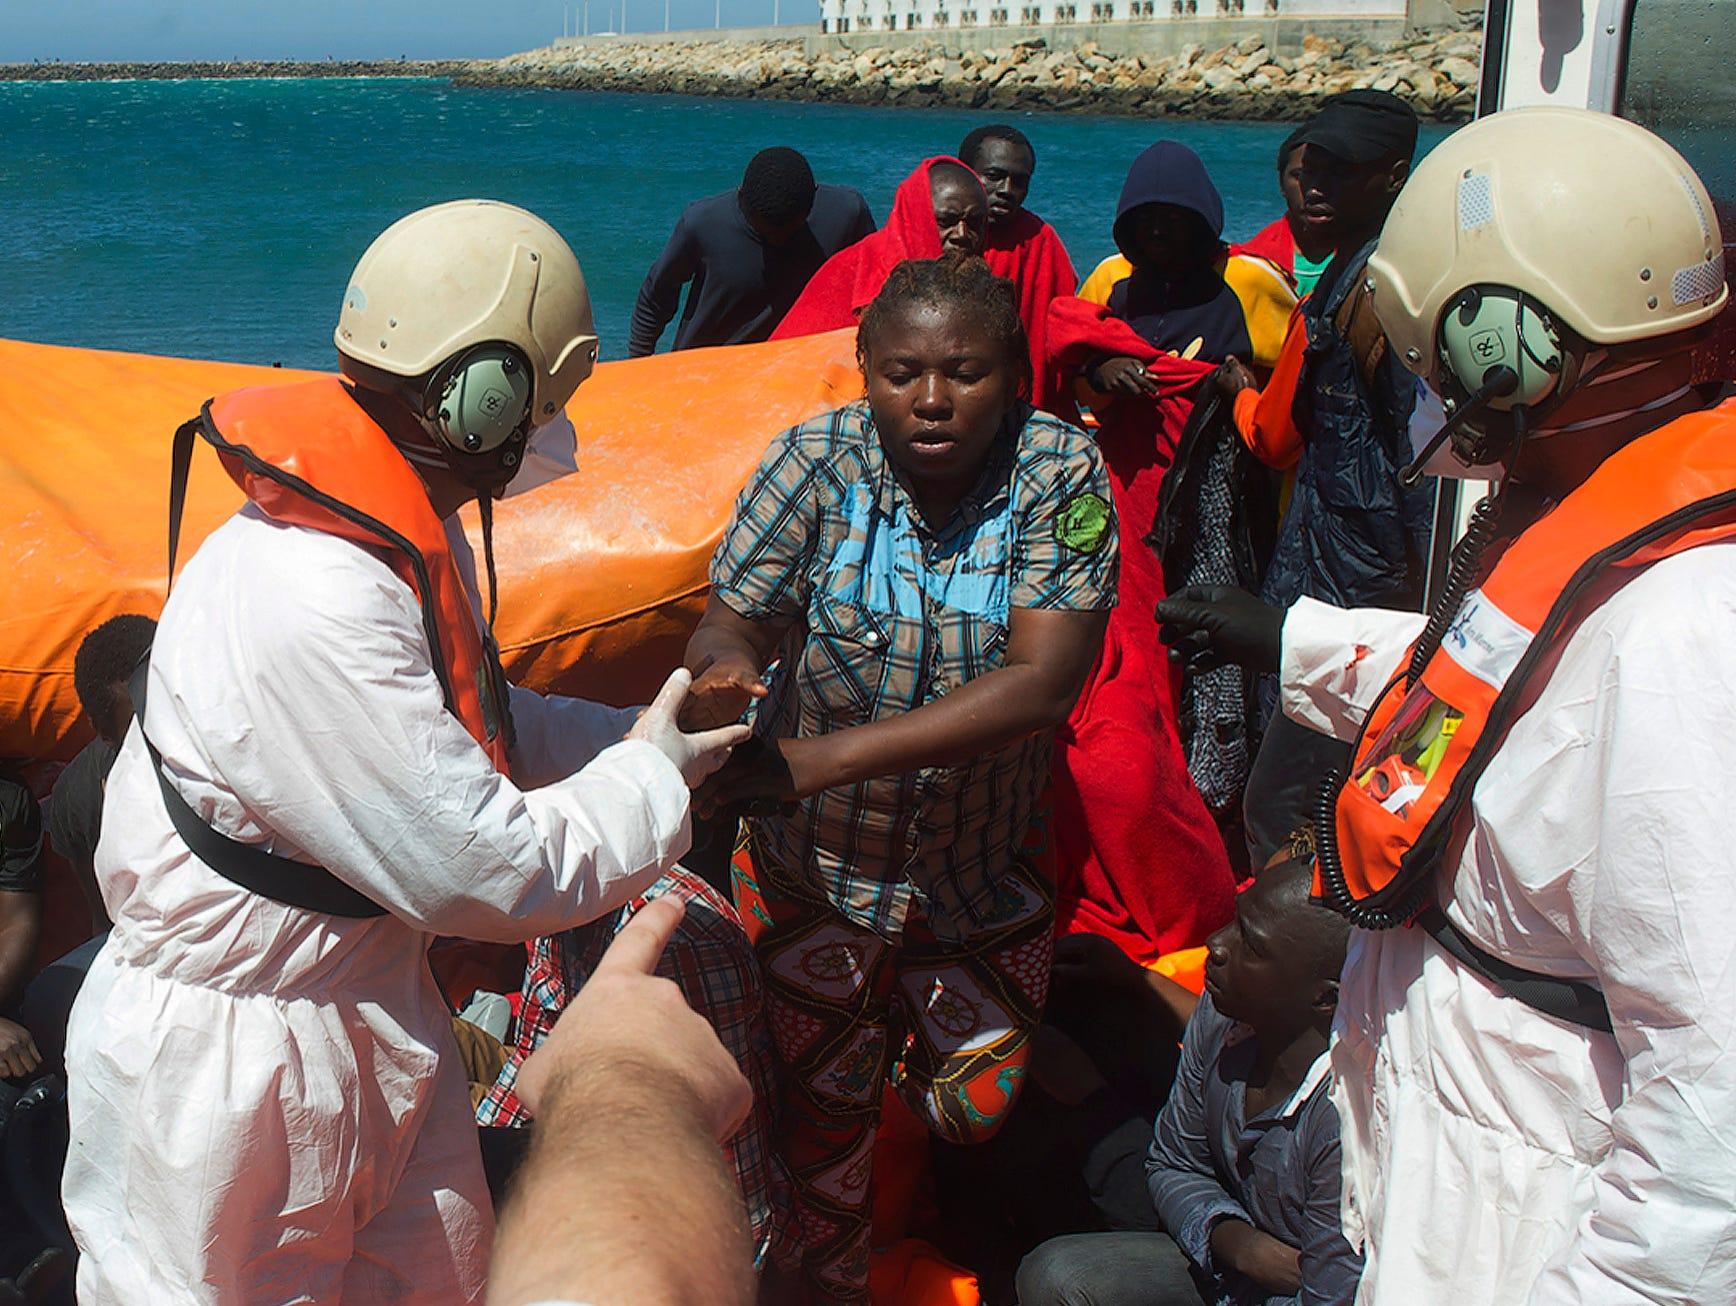 Migrants helped